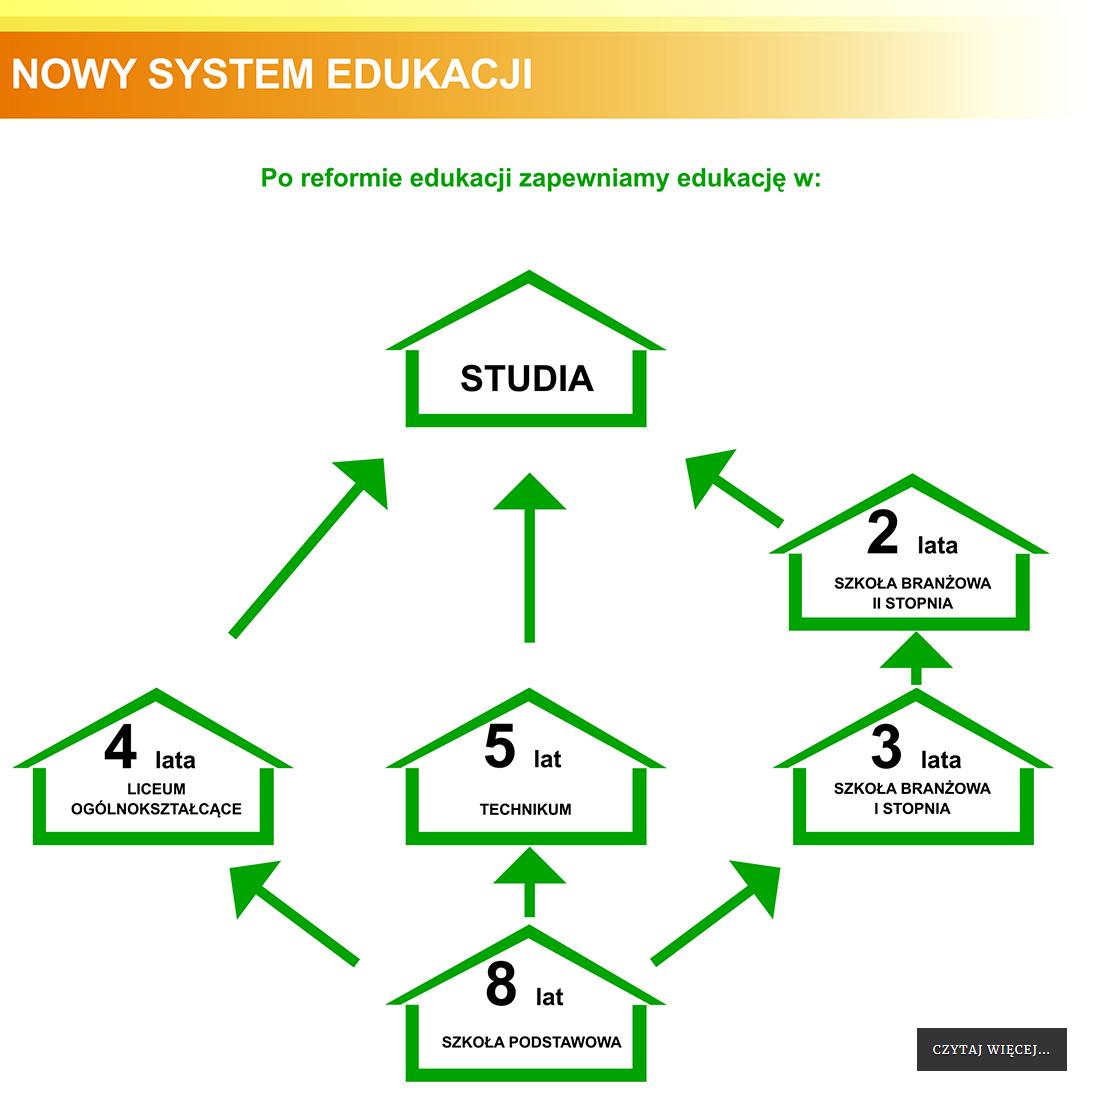 Nowy system edukacji